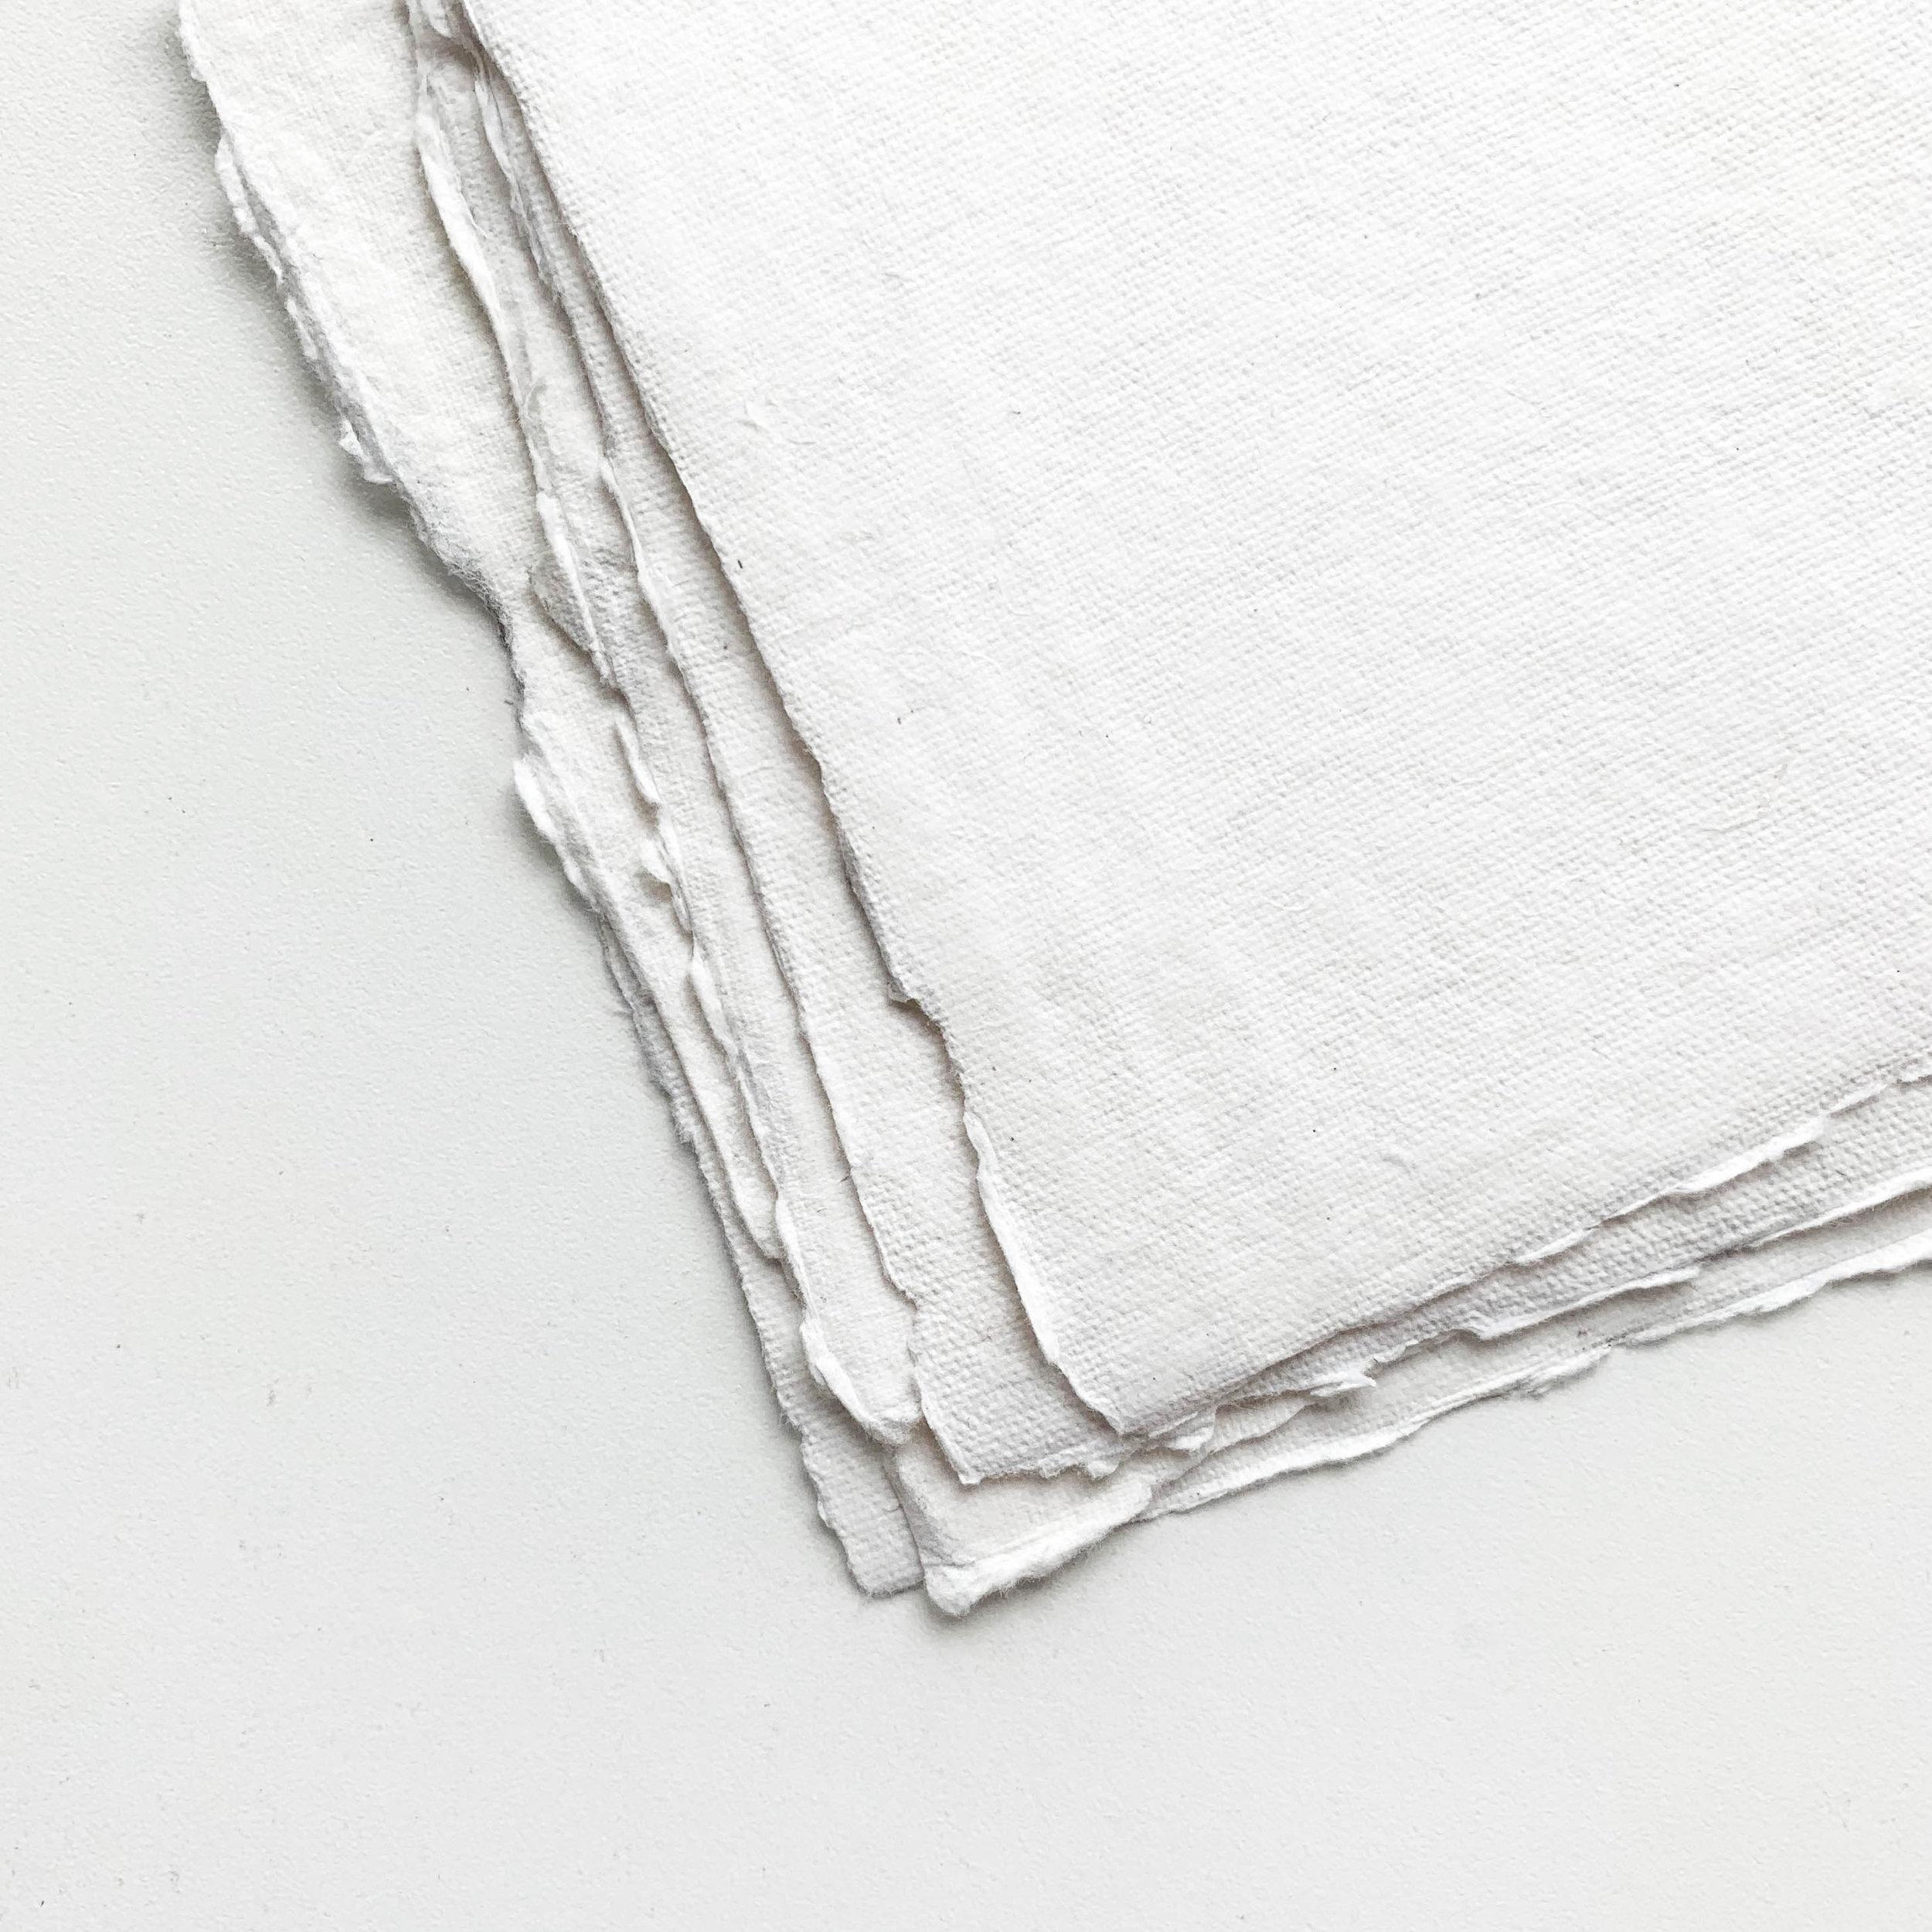 Deckled Edge Cotton Paper